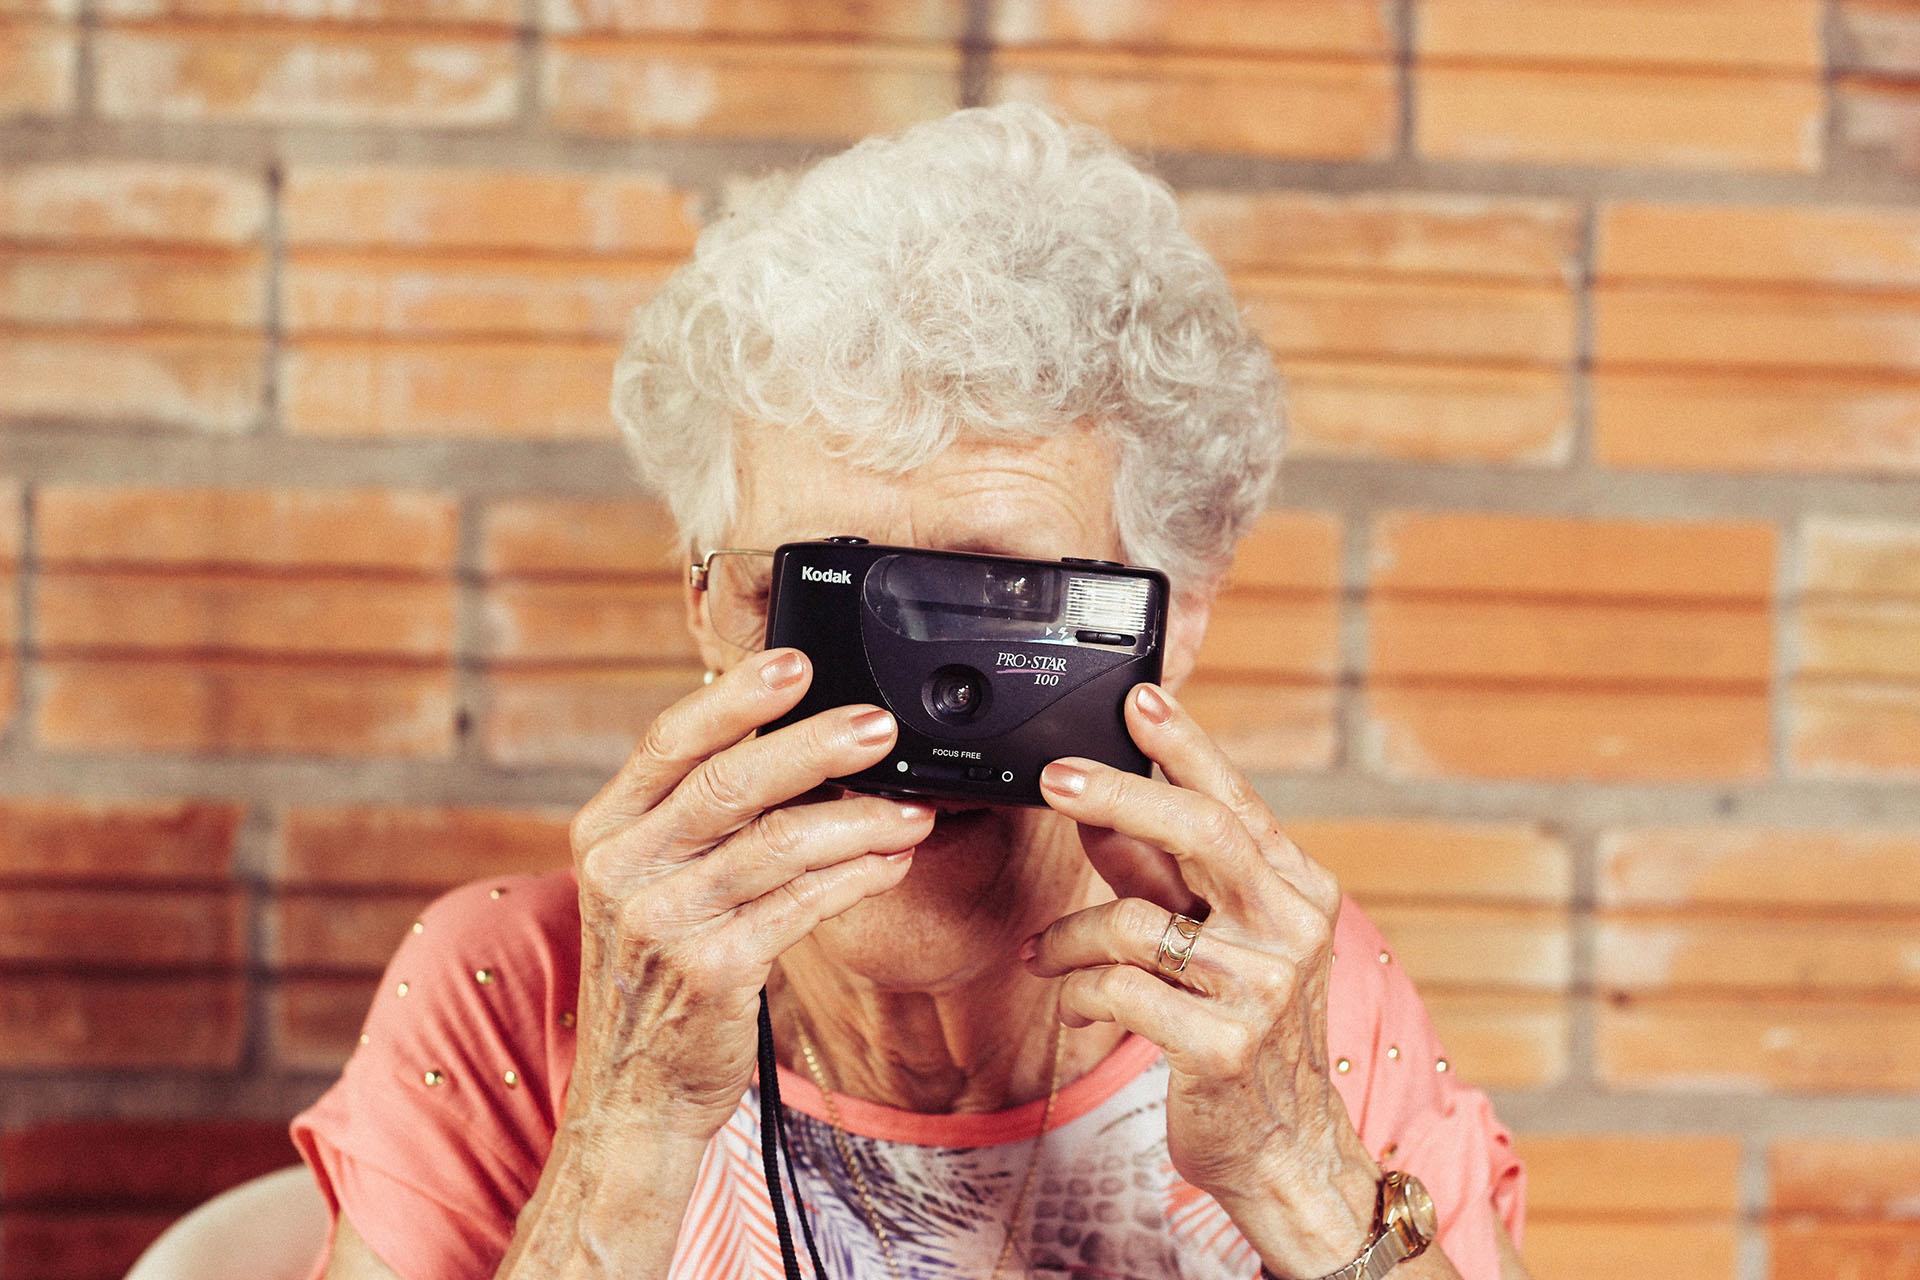 relacje z teściową staruszka z aparatem